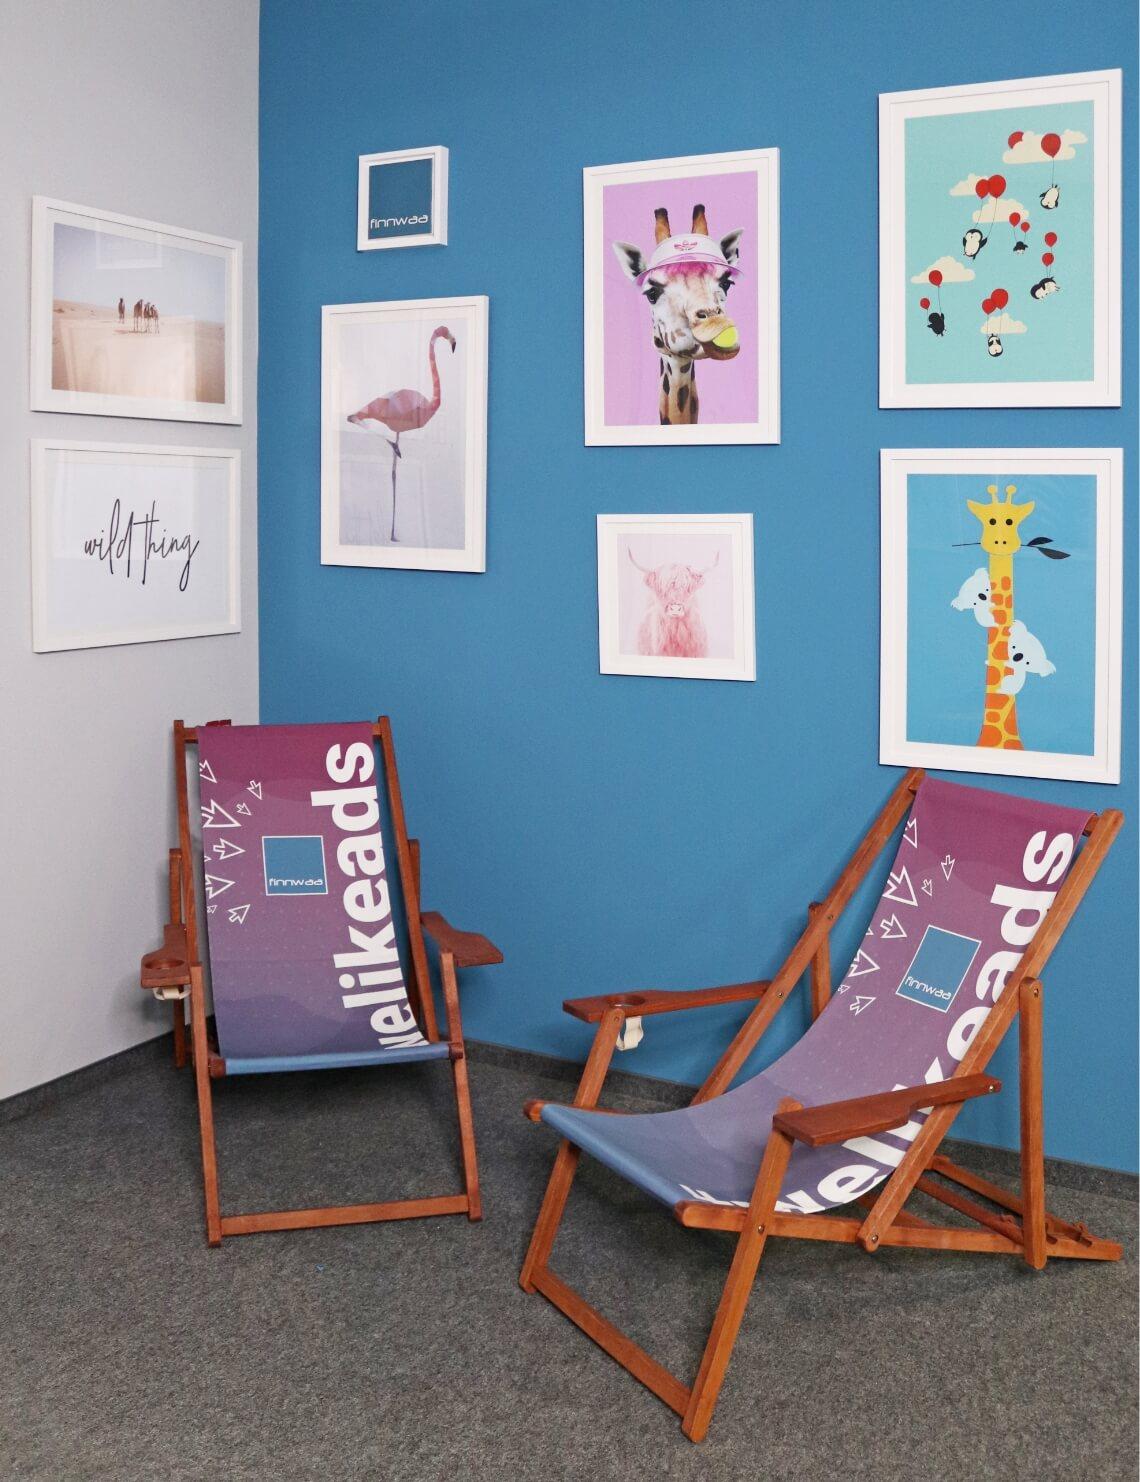 Bild Sitzecke mit Liegestühlen